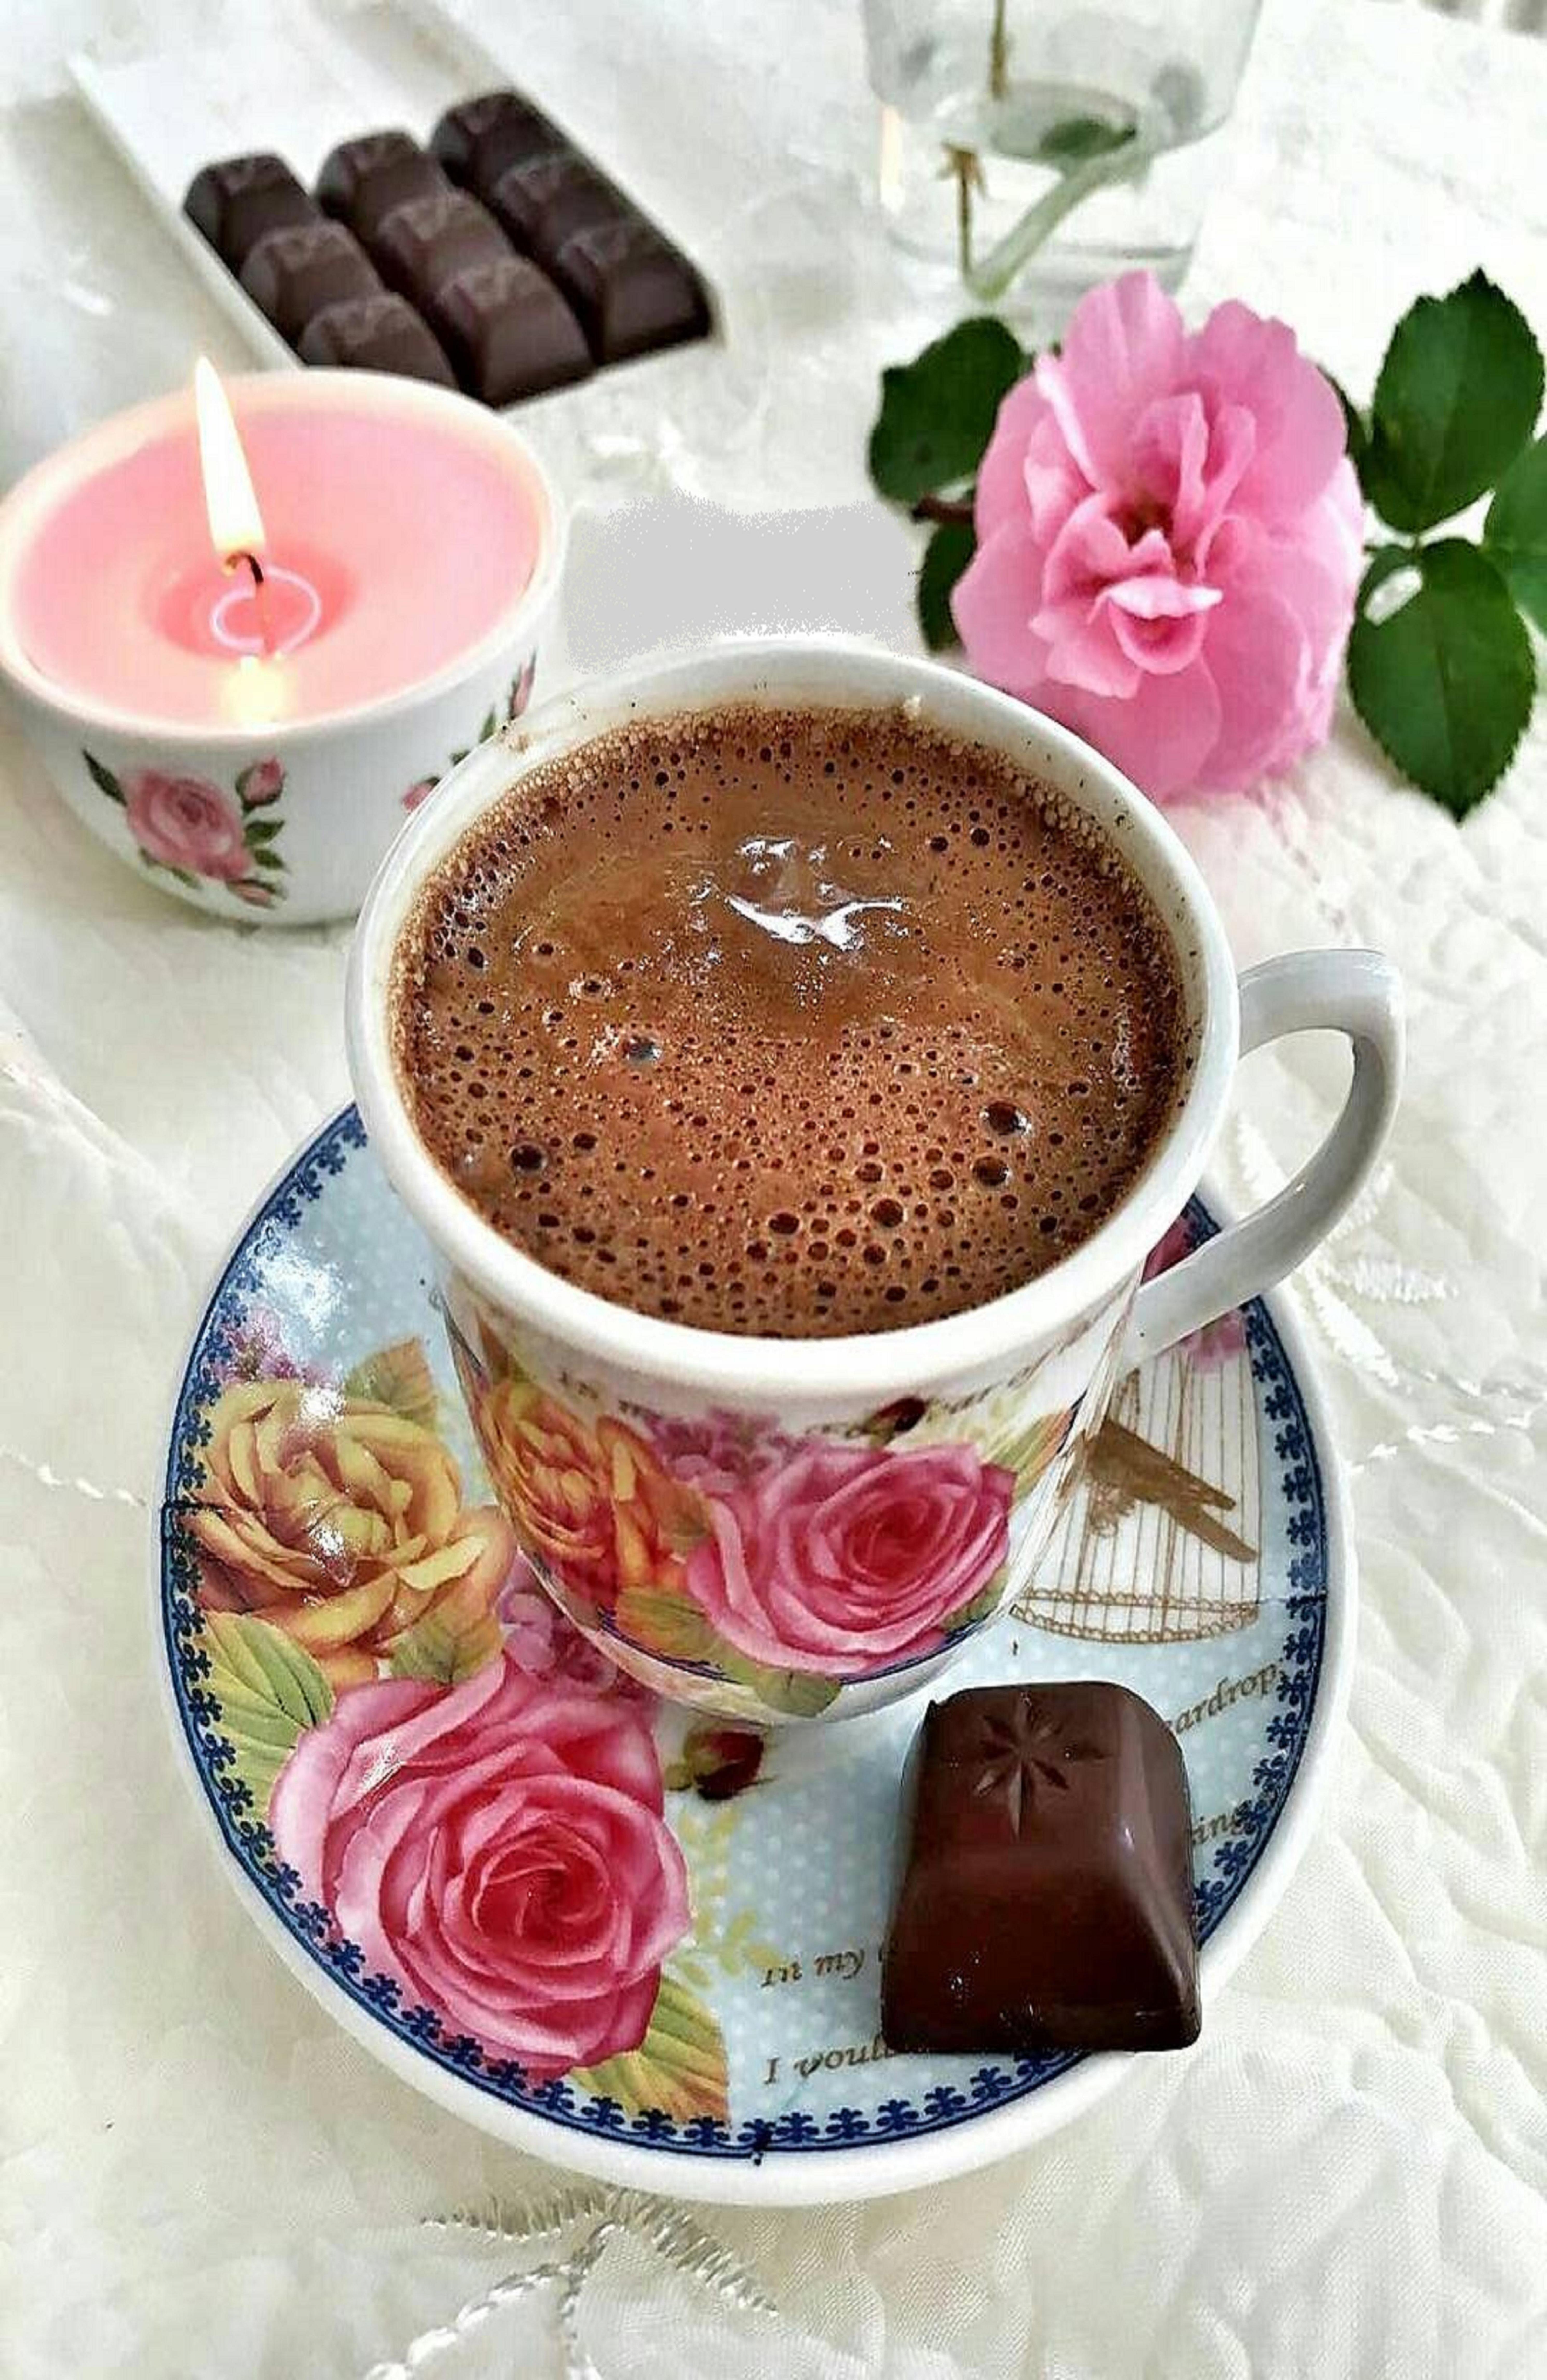 многих кажется доброе утро картинки красивые кофе и шоколад заключенные лагеря